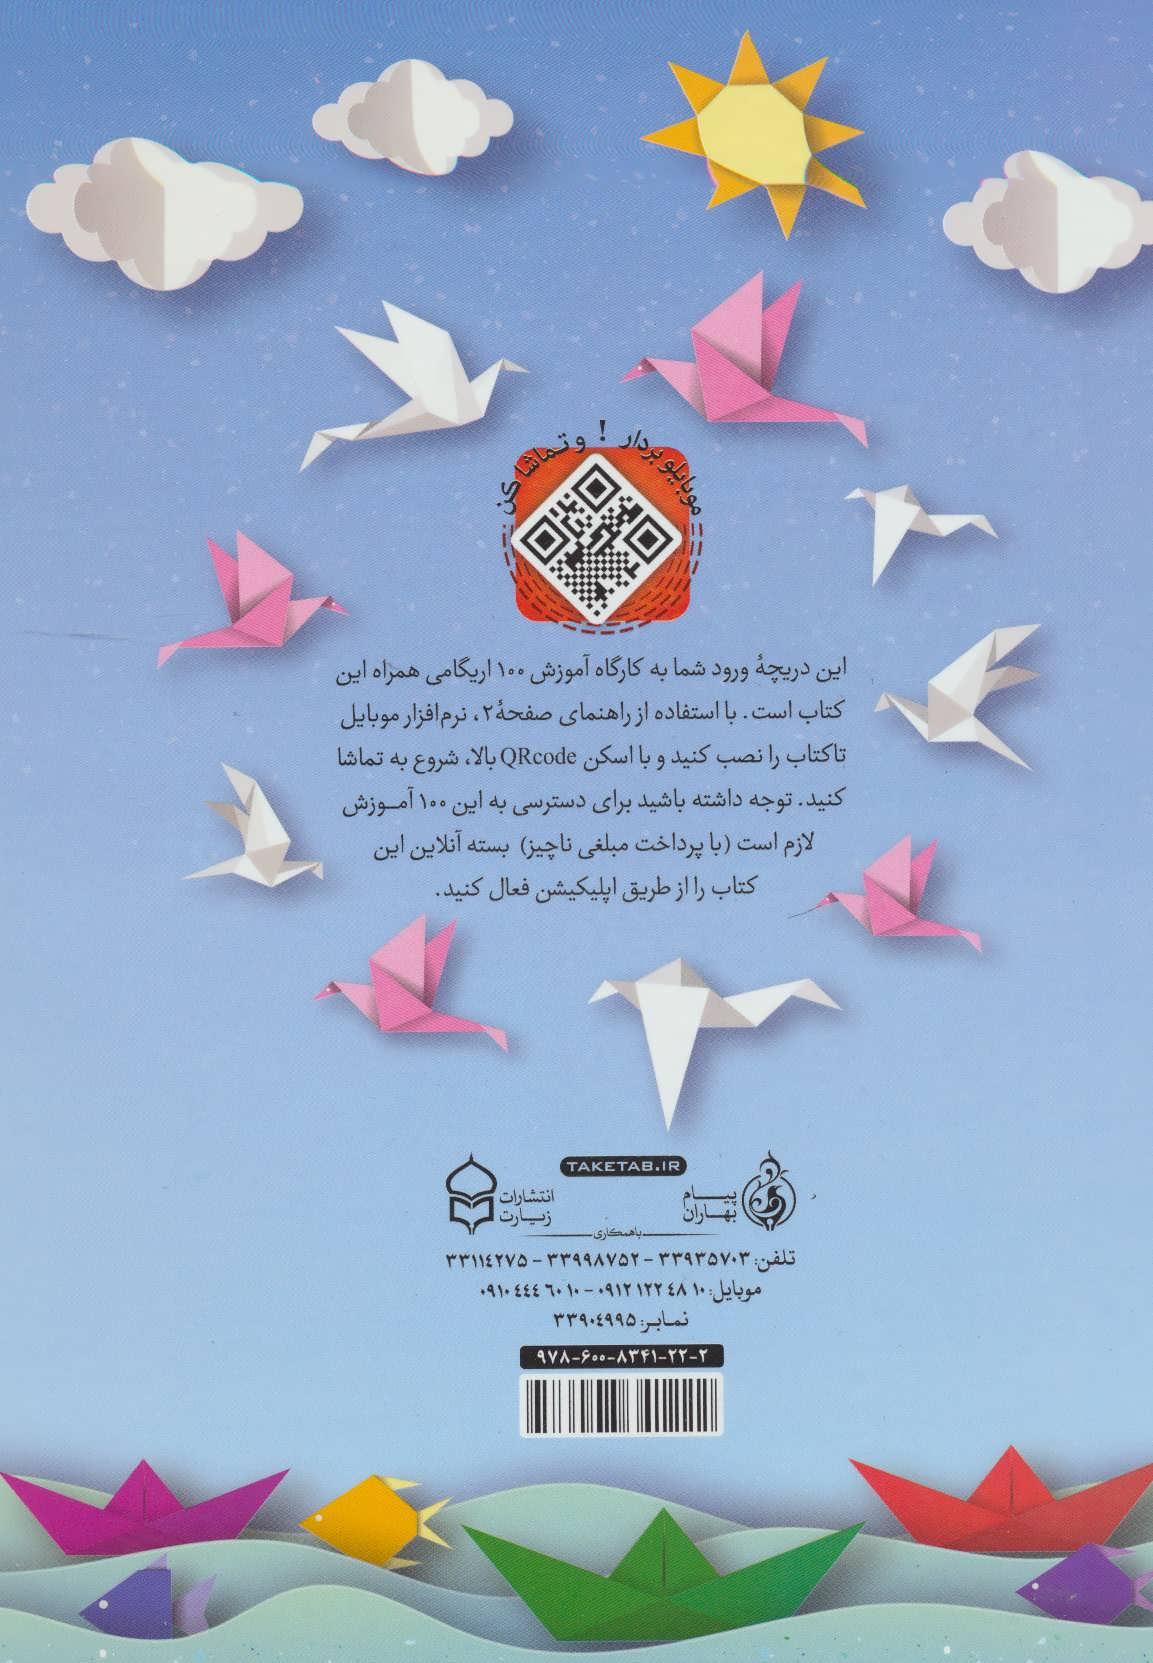 اریگامی (خلاقیت و ذهن برتر +100 فیلم آموزش ساخت اریگامی فراتر از کتاب)